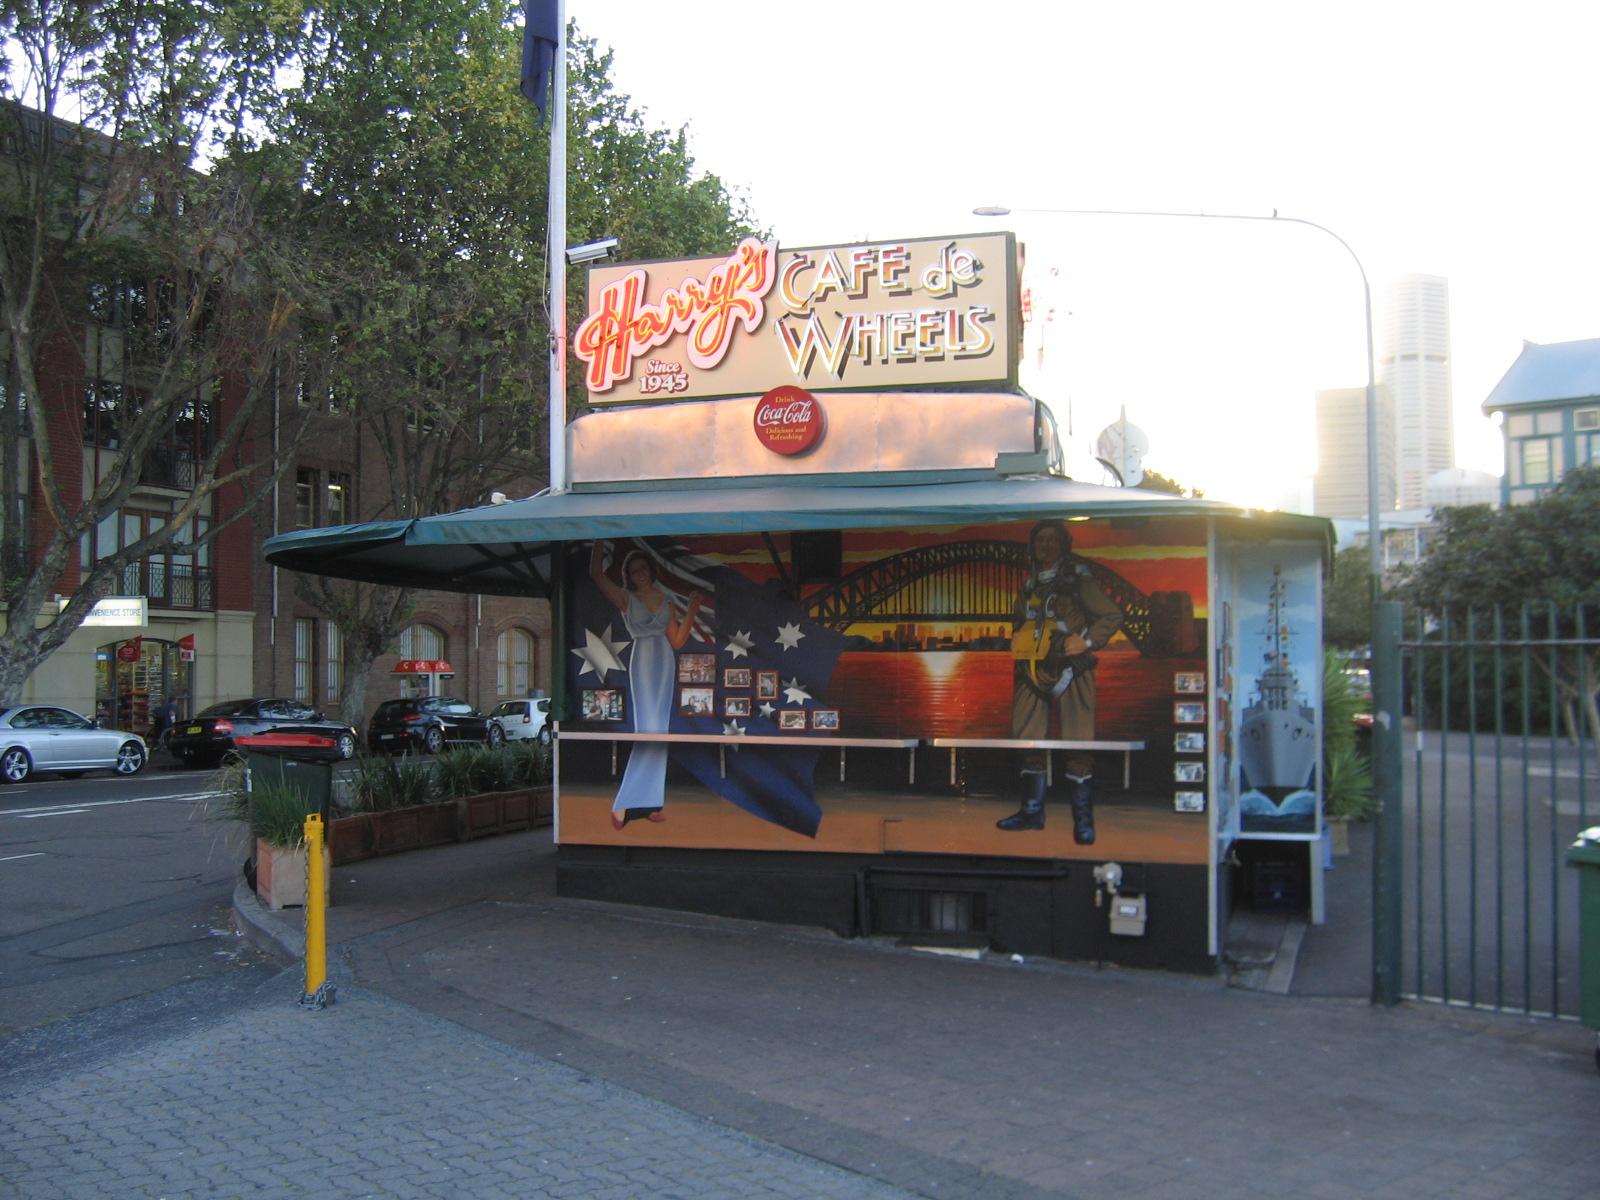 File:Harrys cafe de wheels sideview.jpg - Wikimedia Commons